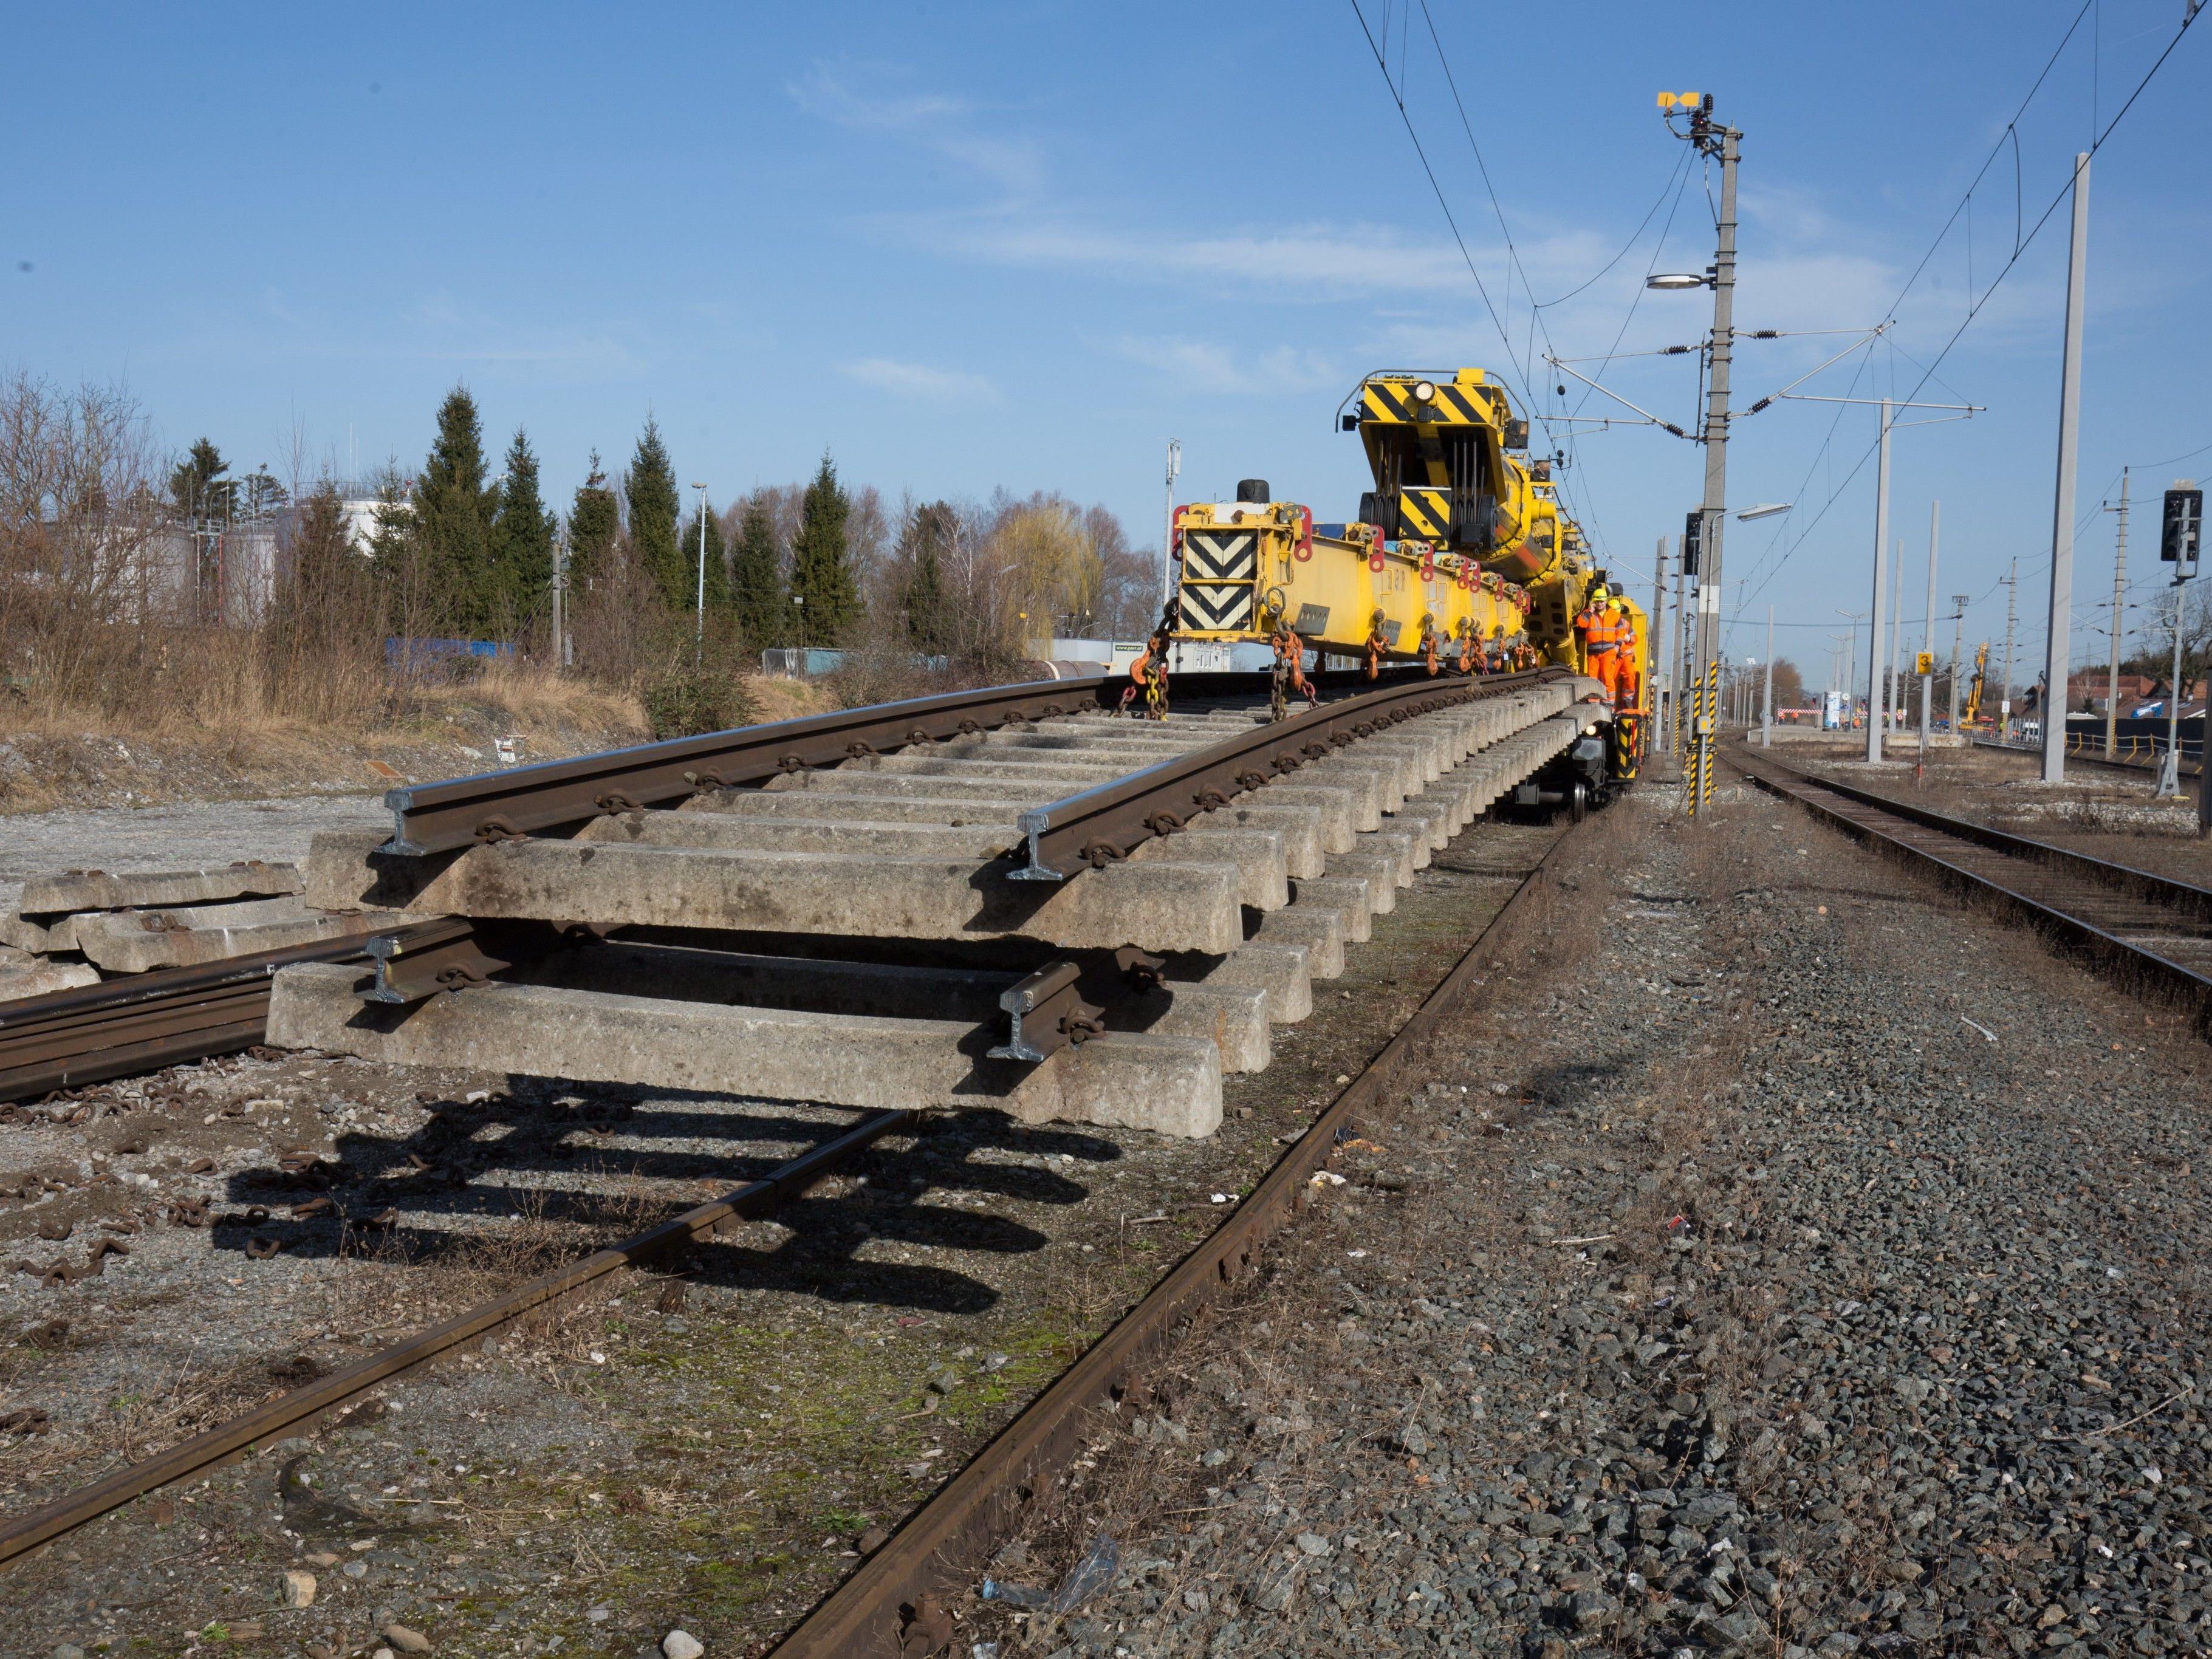 Insgesamt rund 80 Millionen Euro investieren die ÖBB in Vorarlberg, unter anderem in den Ausbau des Bahnhofs Lustenau.